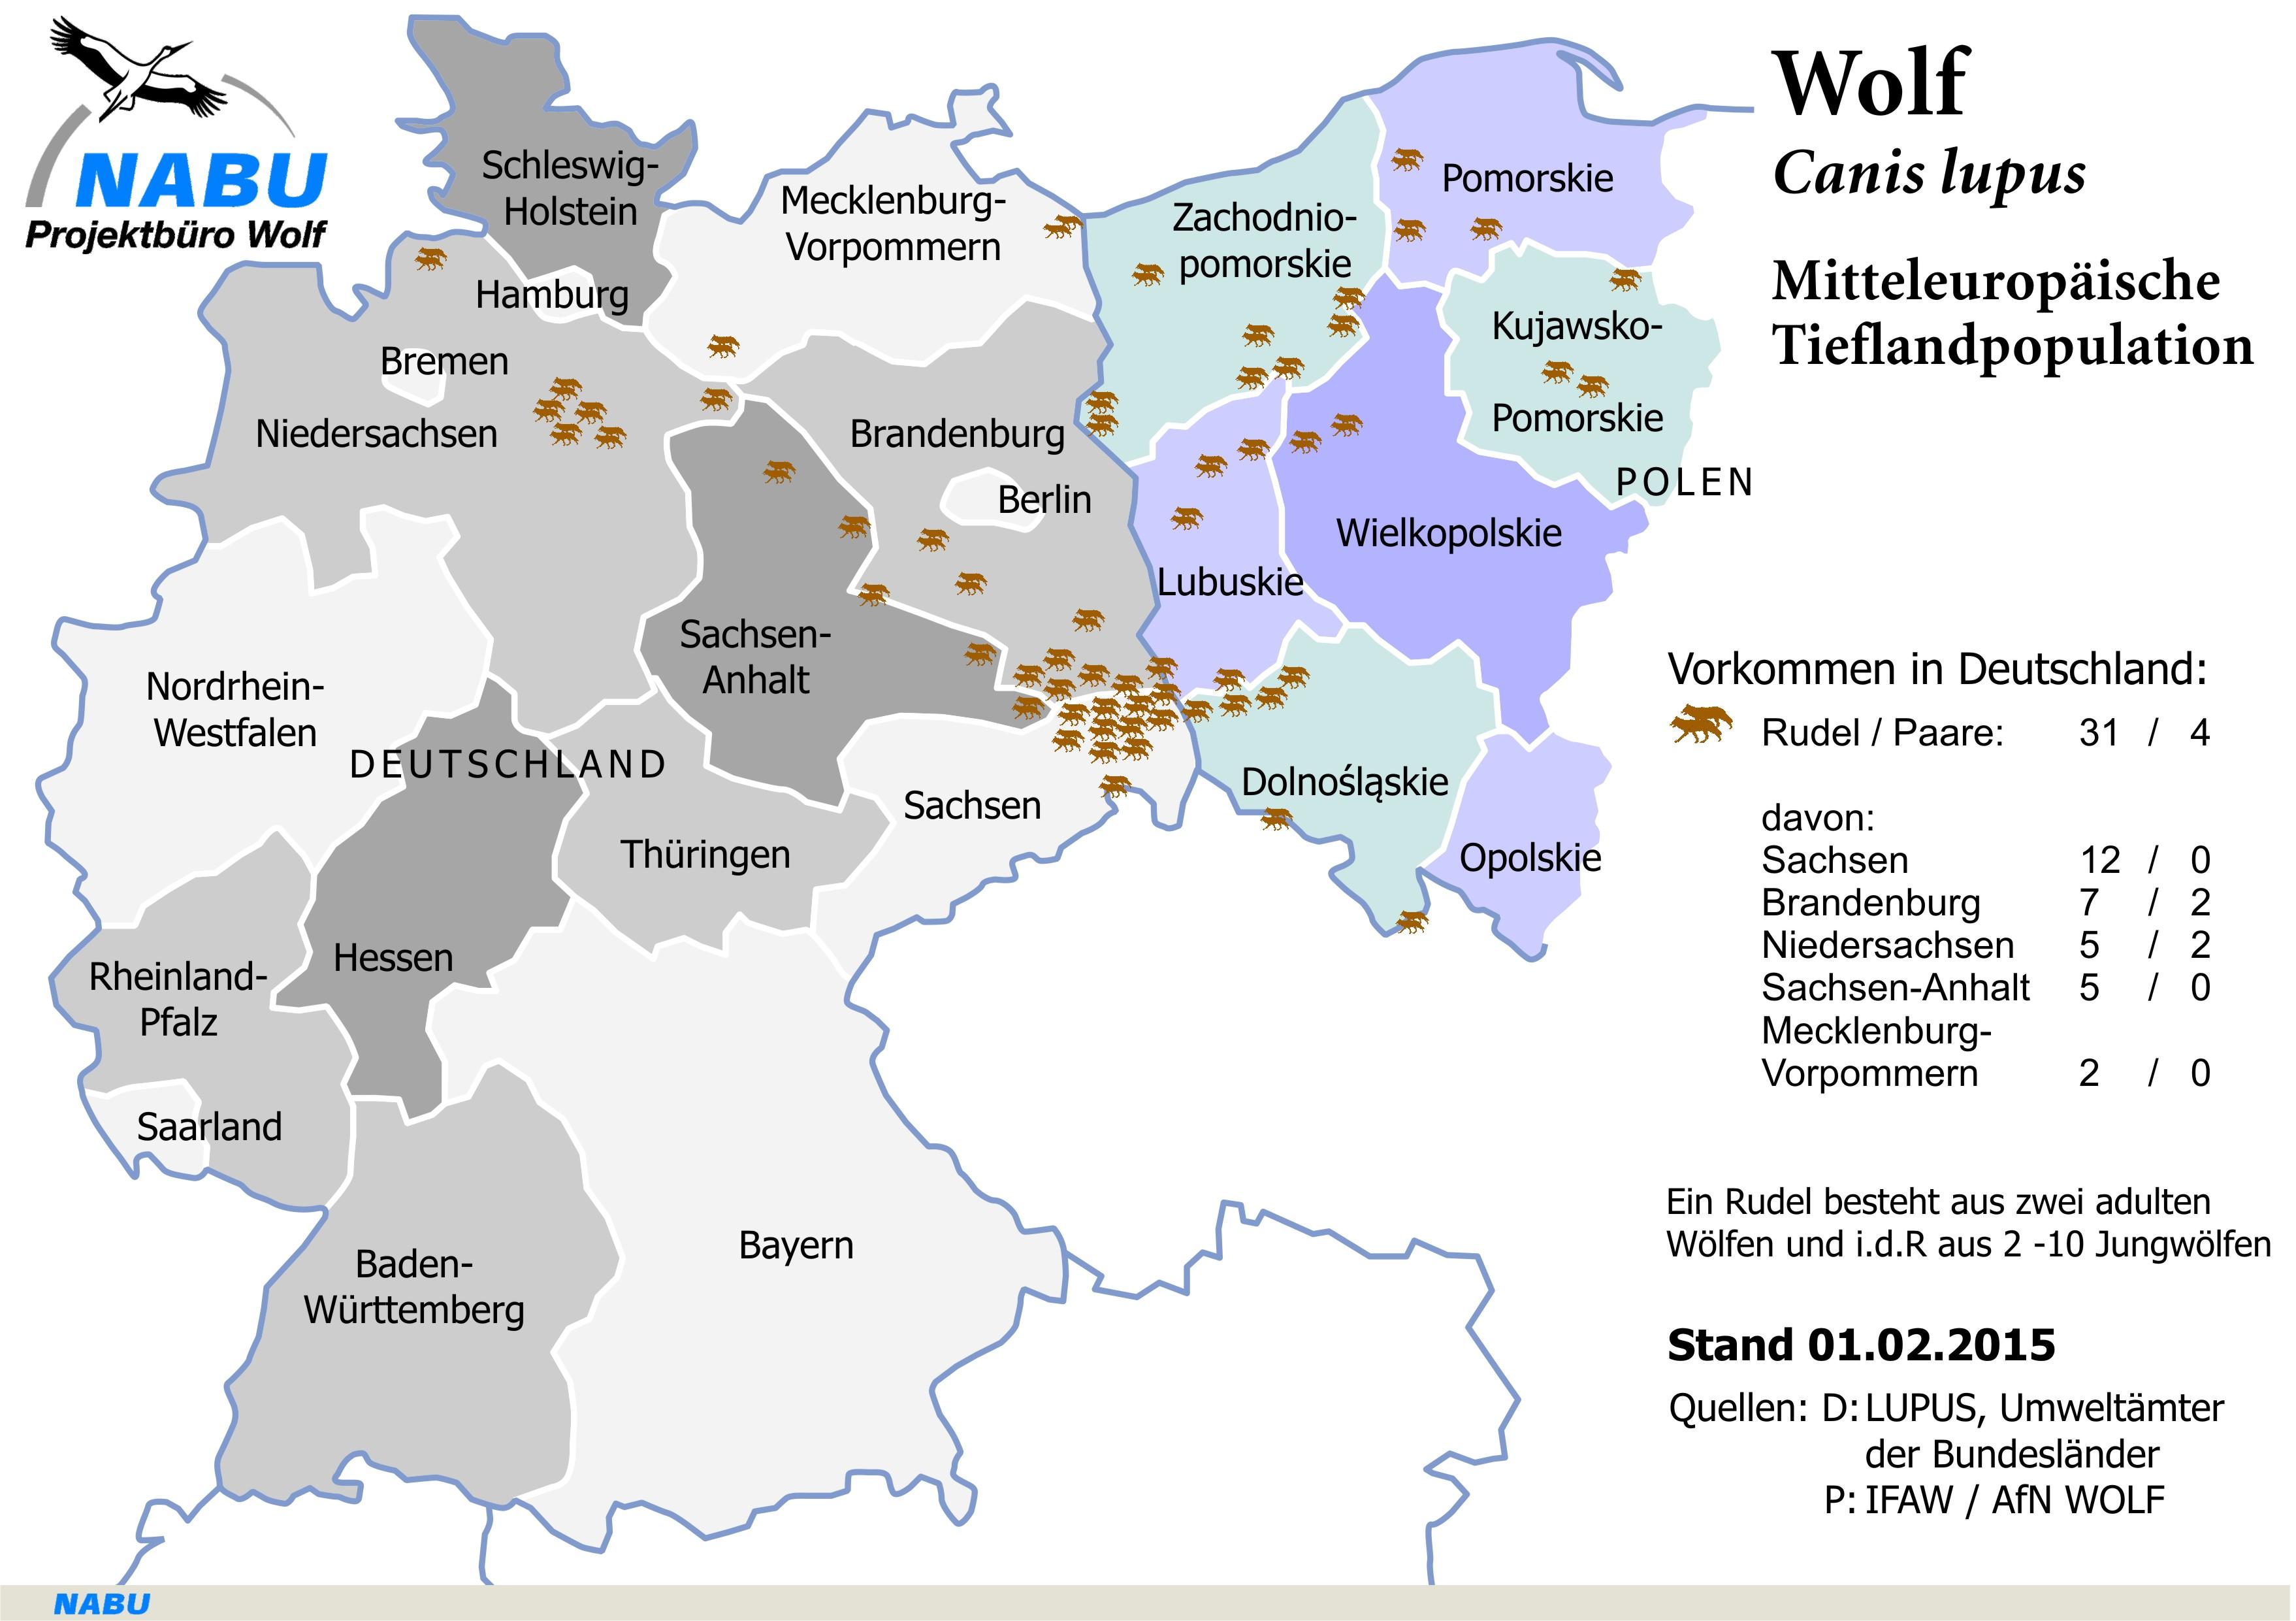 https://www.nabu.de/downloads/fotos/wolf/nabu-karte-mitteleuropaeische-woelfe.jpg